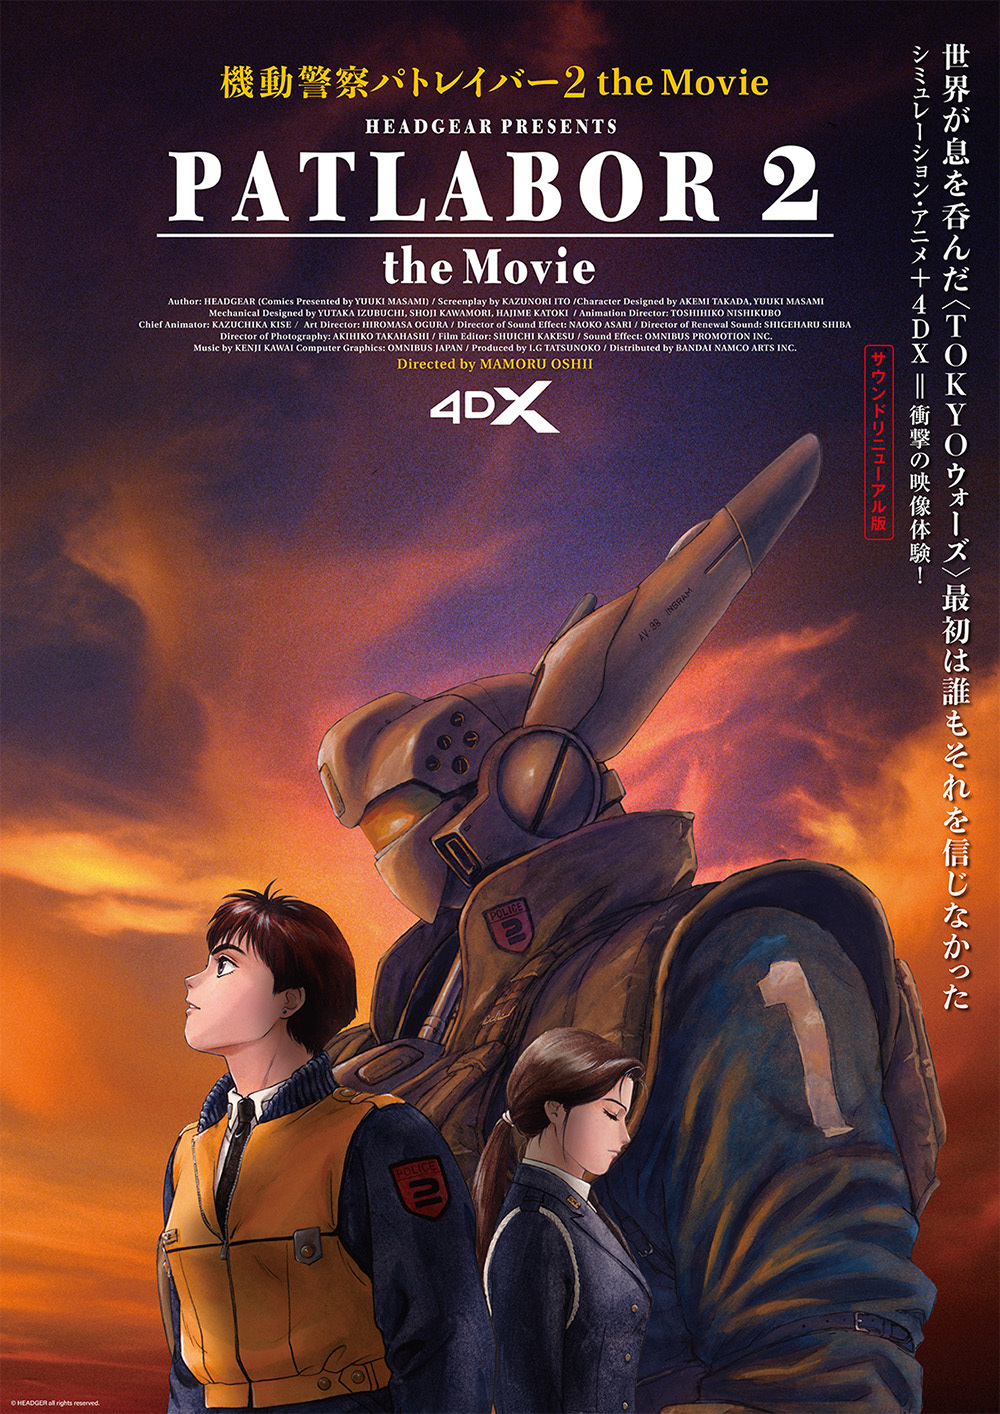 『機動警察パトレイバー2 the Movie 4DX』キービジュアル (c)1993 HEADGEAR/BANDAI VISUAL/TOHOKUSHINSHA/Production I.G